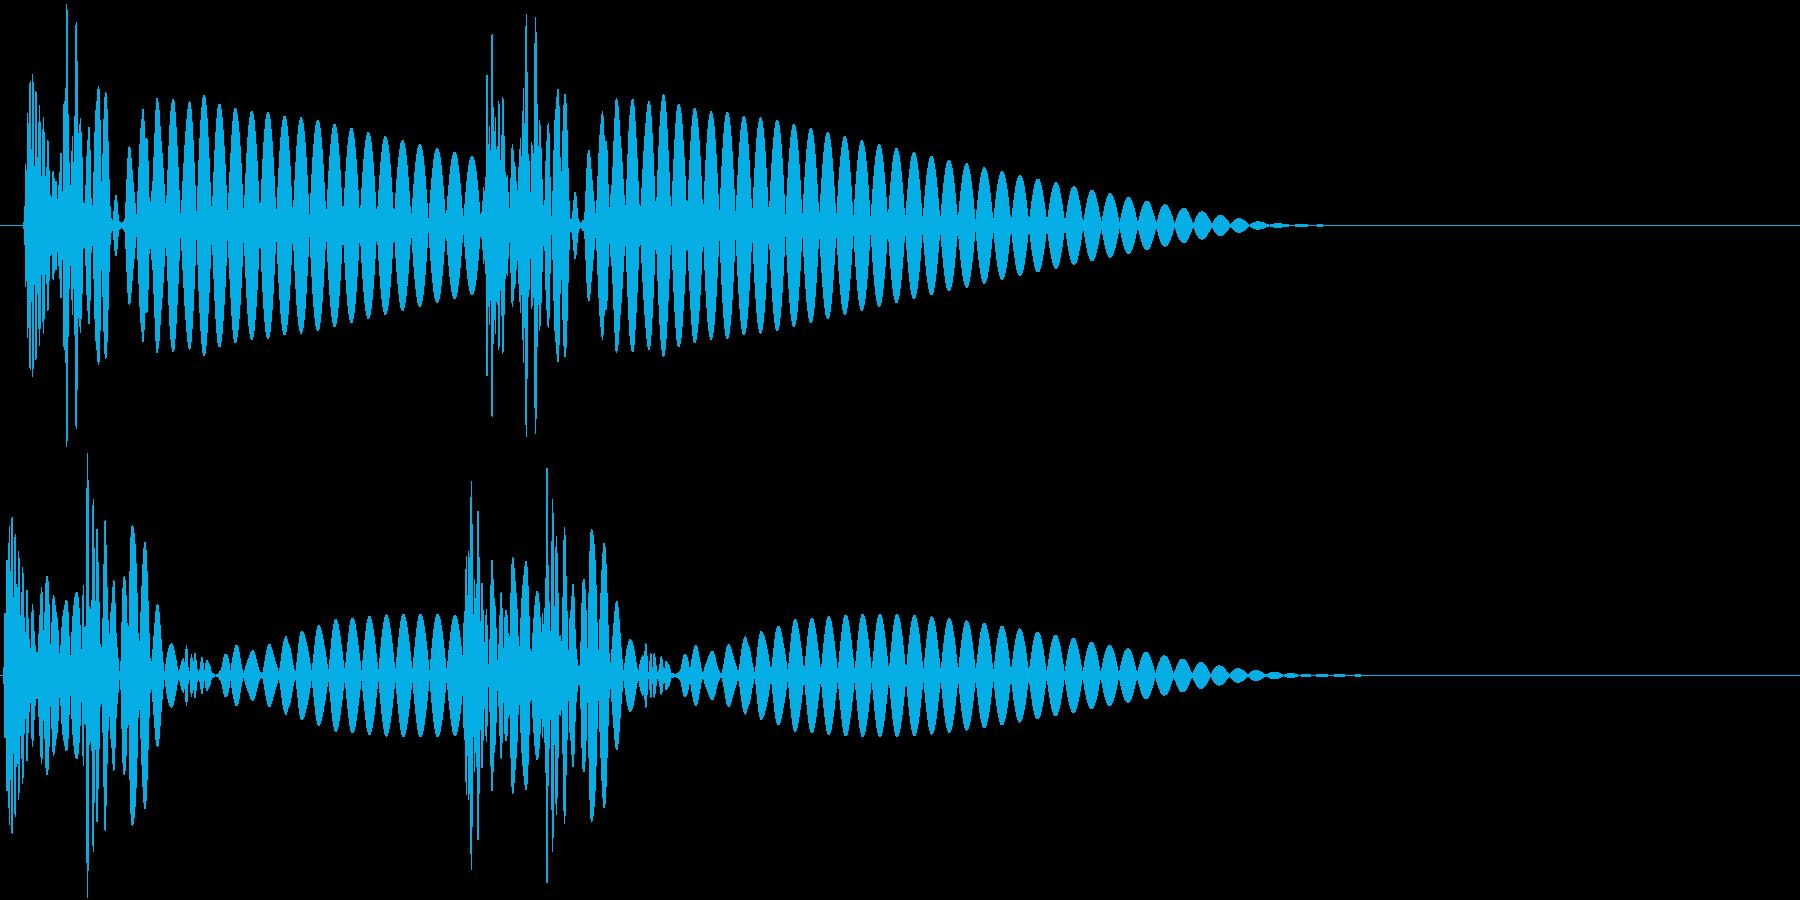 HeartBeat 心臓の音 4 単発の再生済みの波形